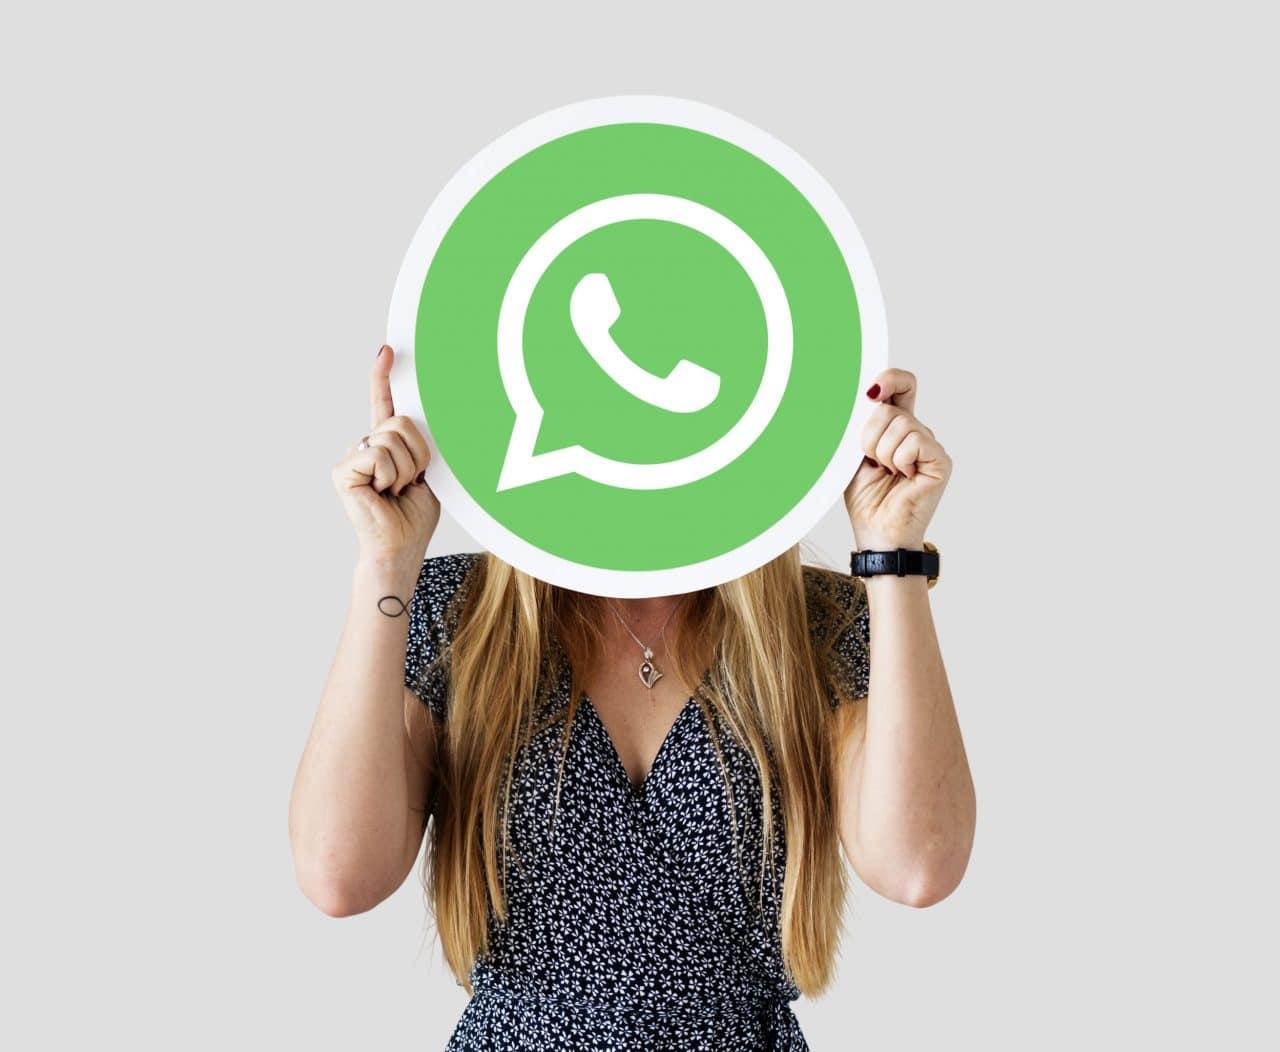 Imagem de uma mulher com símbolo do WhatsApp no rosto